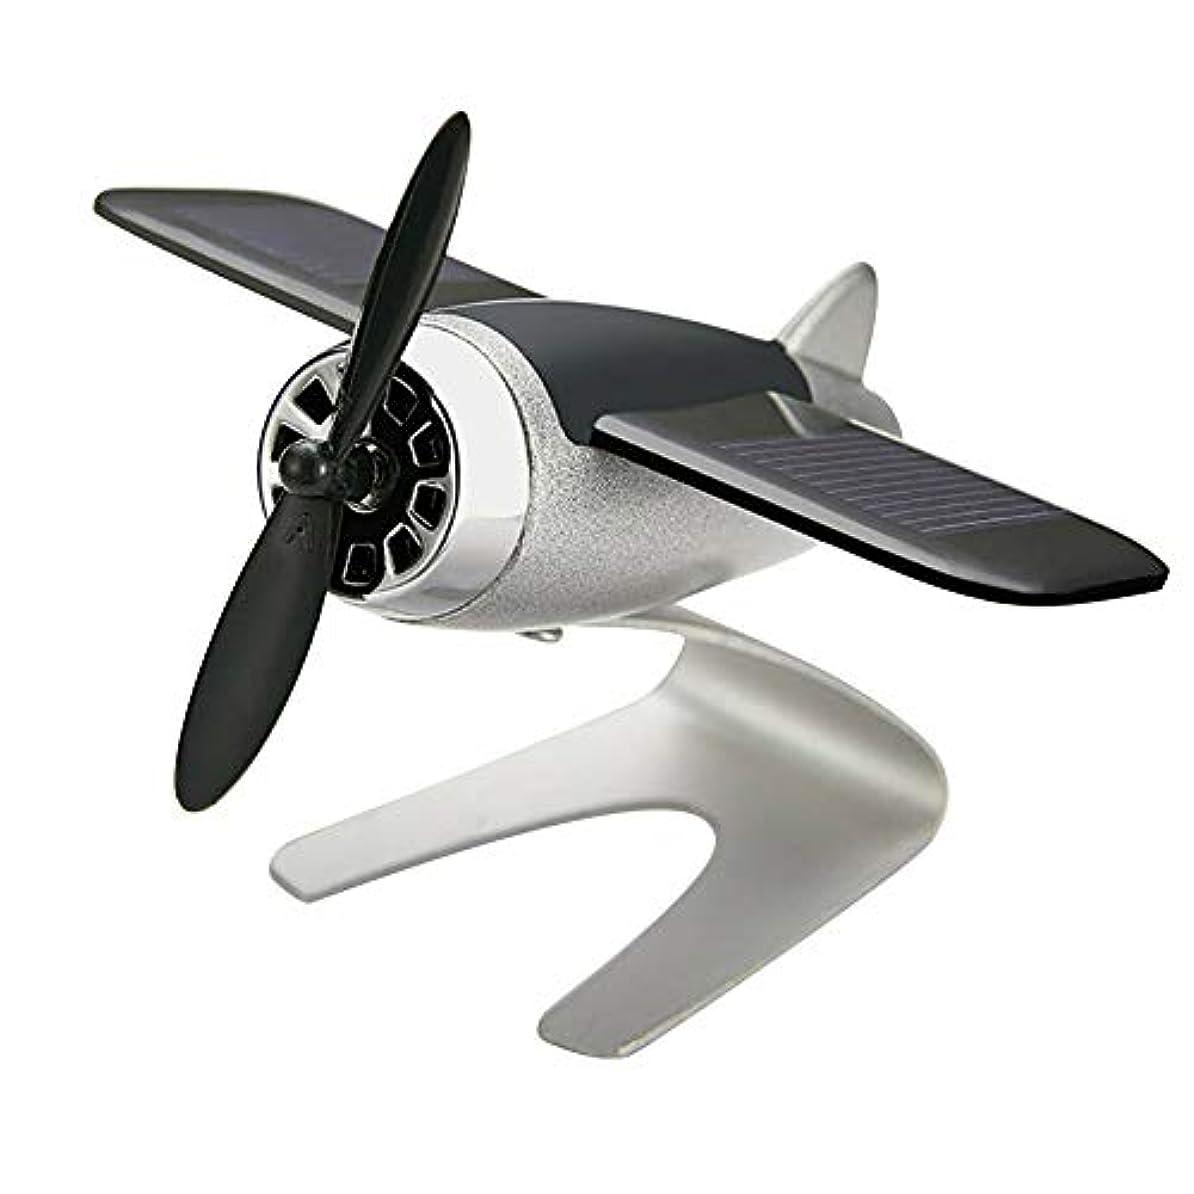 レッスン暴露習字Symboat 車の芳香剤飛行機航空機モデル太陽エネルギーアロマテラピー室内装飾